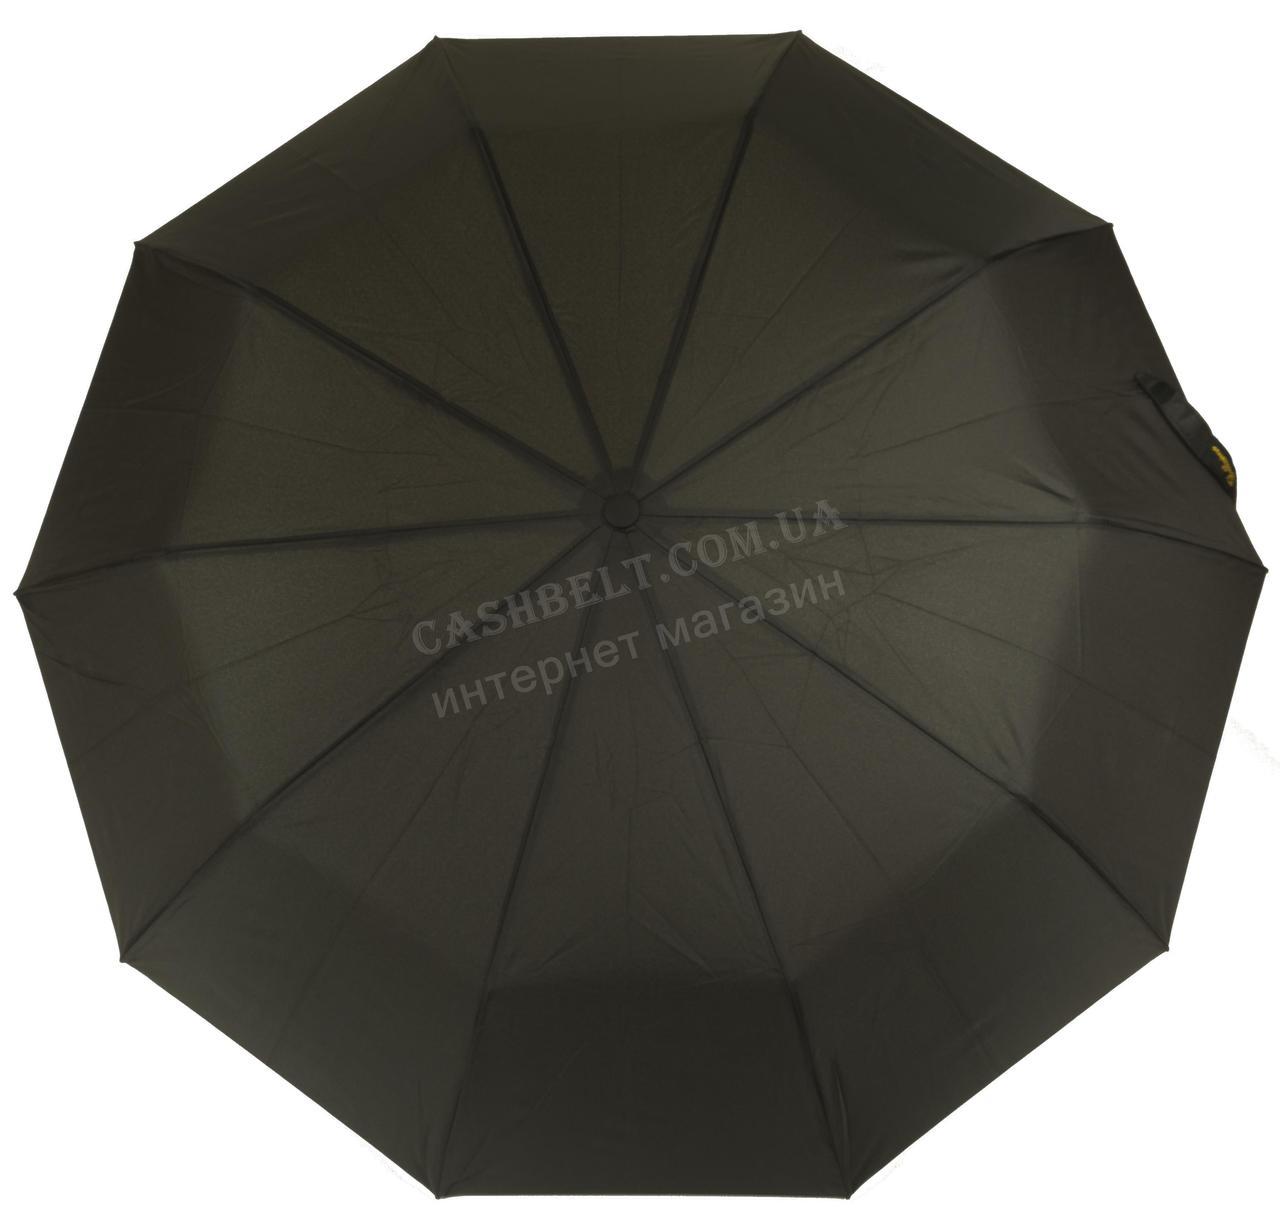 Женский симпатичный прочный зонтик полуавтомат art. 461 после намокания проявляется цветочный узор (101181)